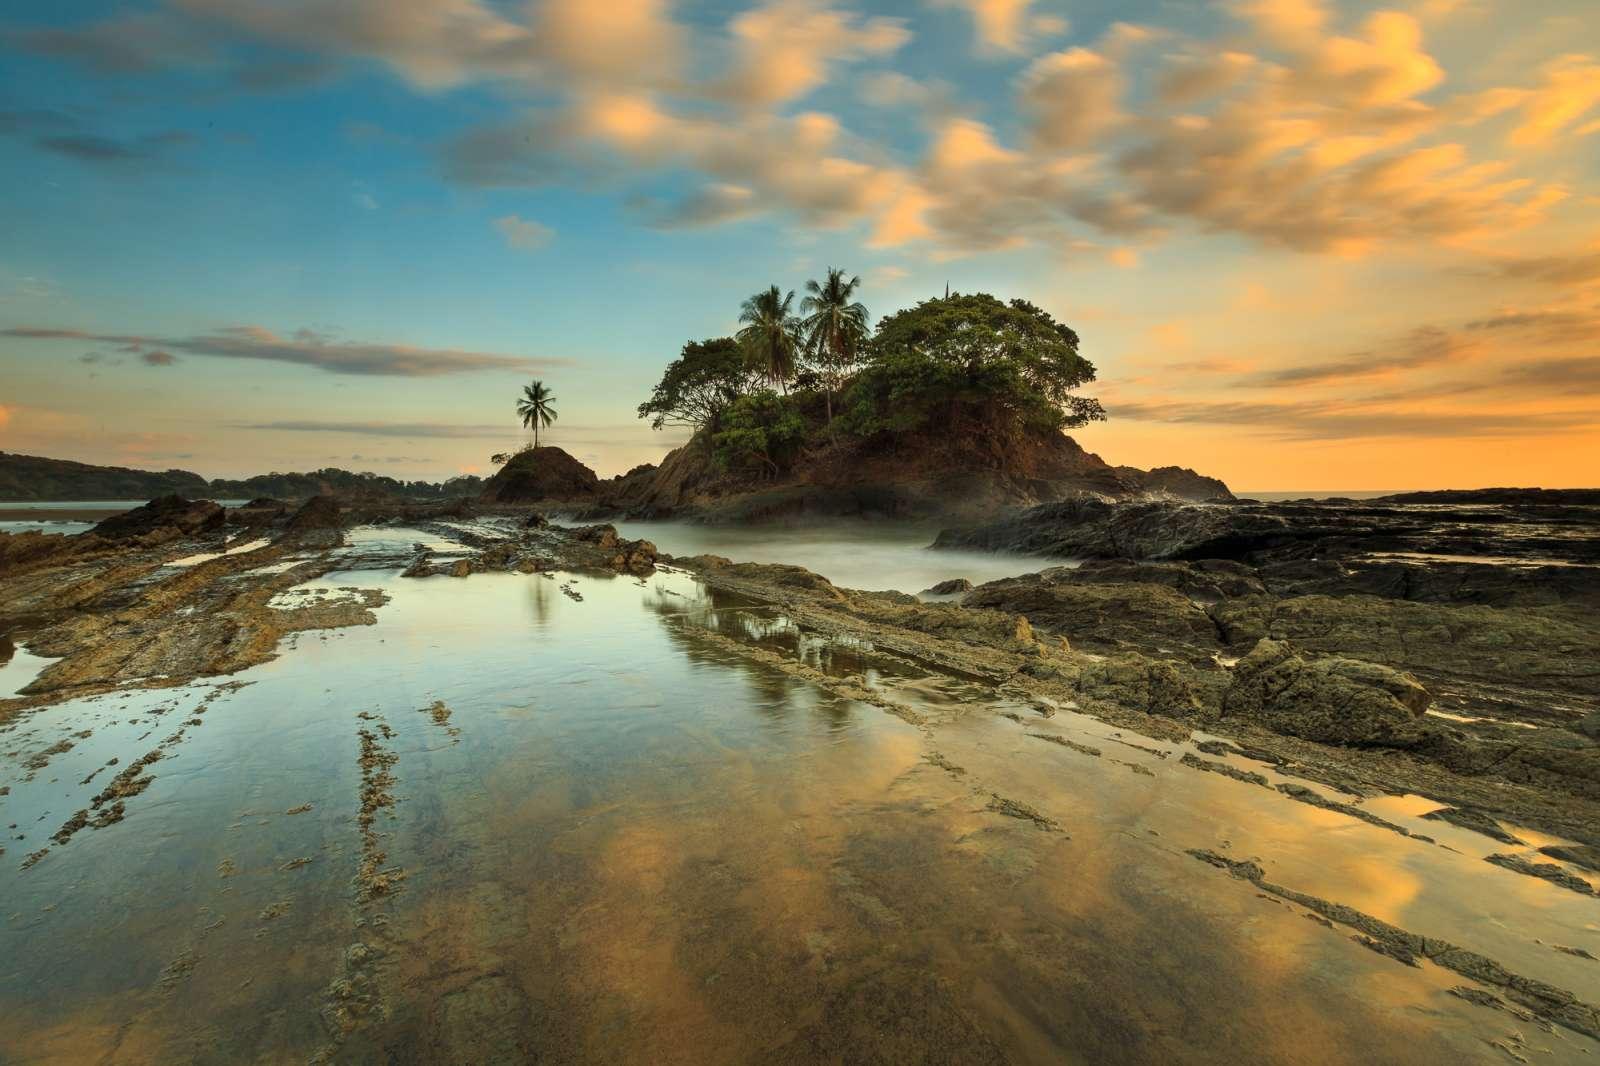 Una semana fotografiando Costa Rica 24